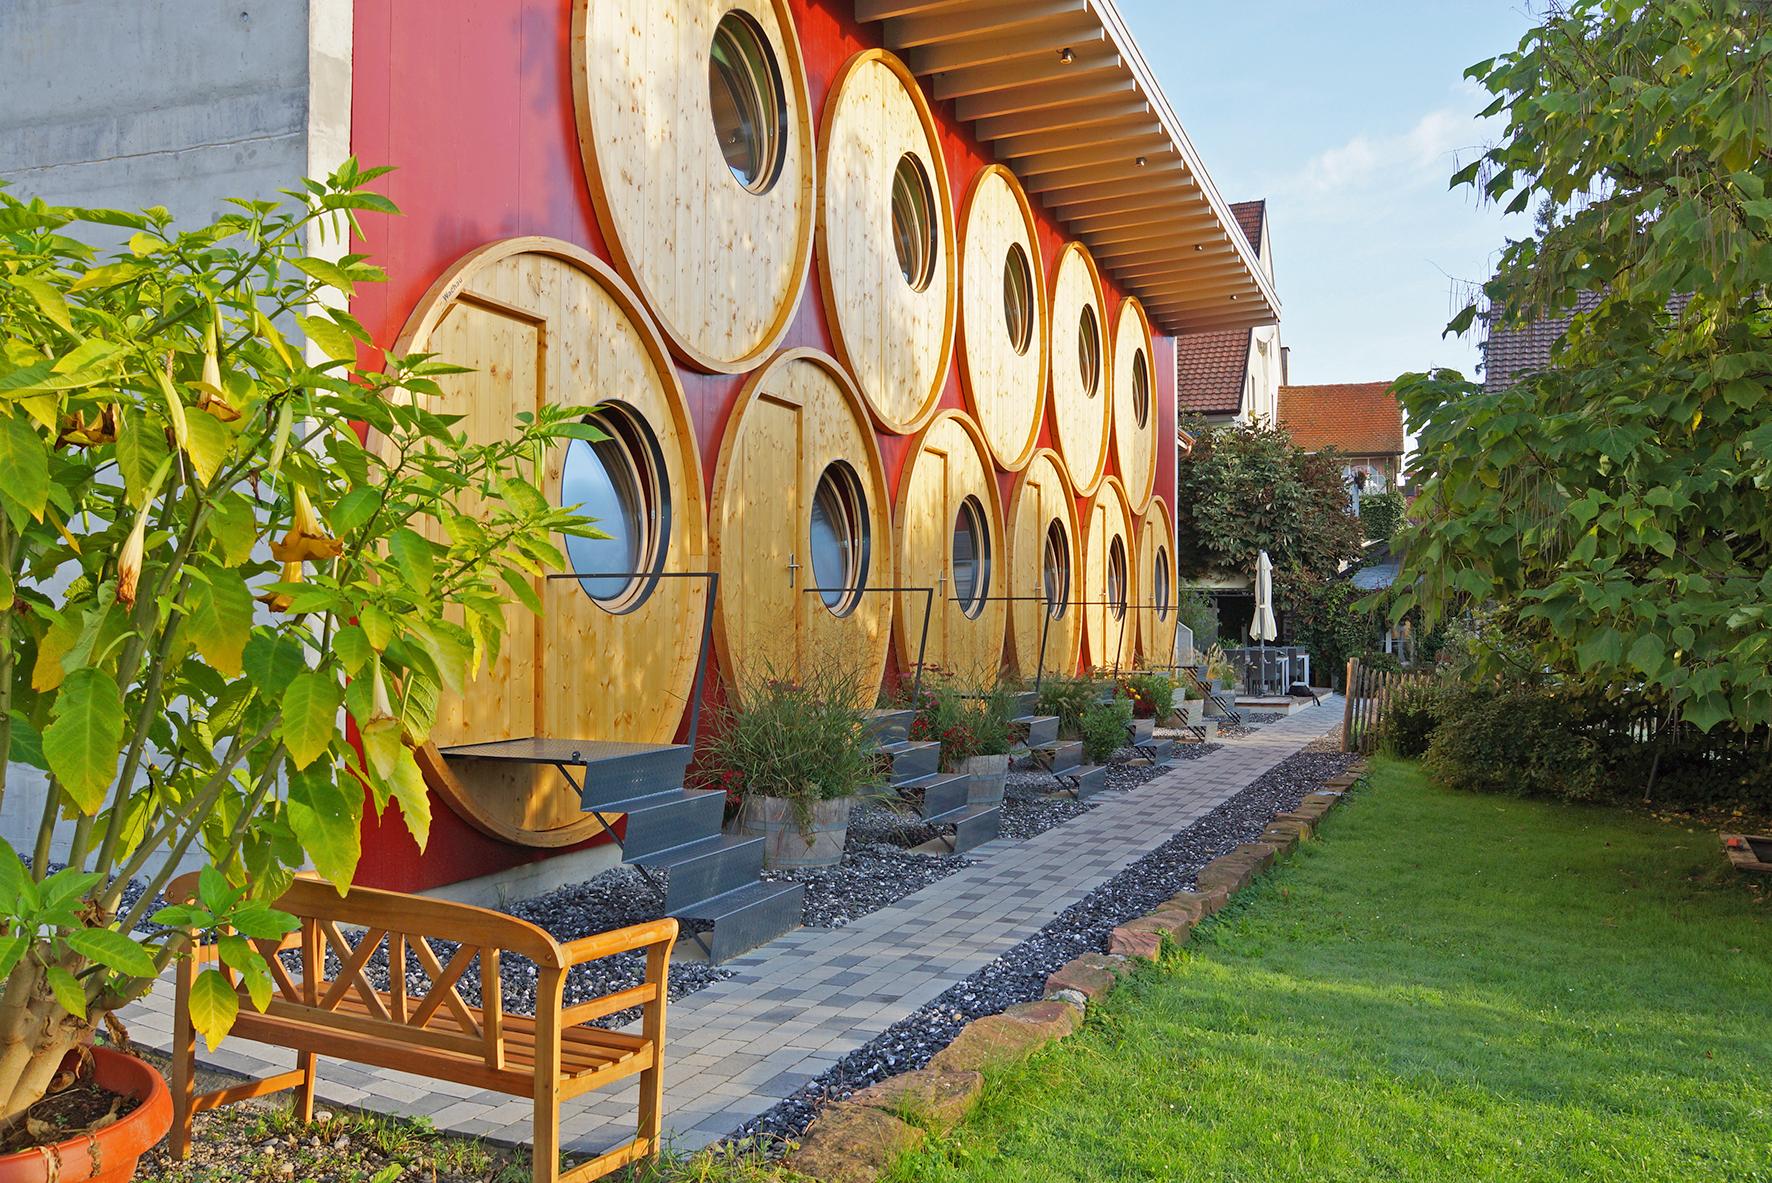 Weinfass hotel r edi fasstastische ferien in trasadingen for Besondere hotels